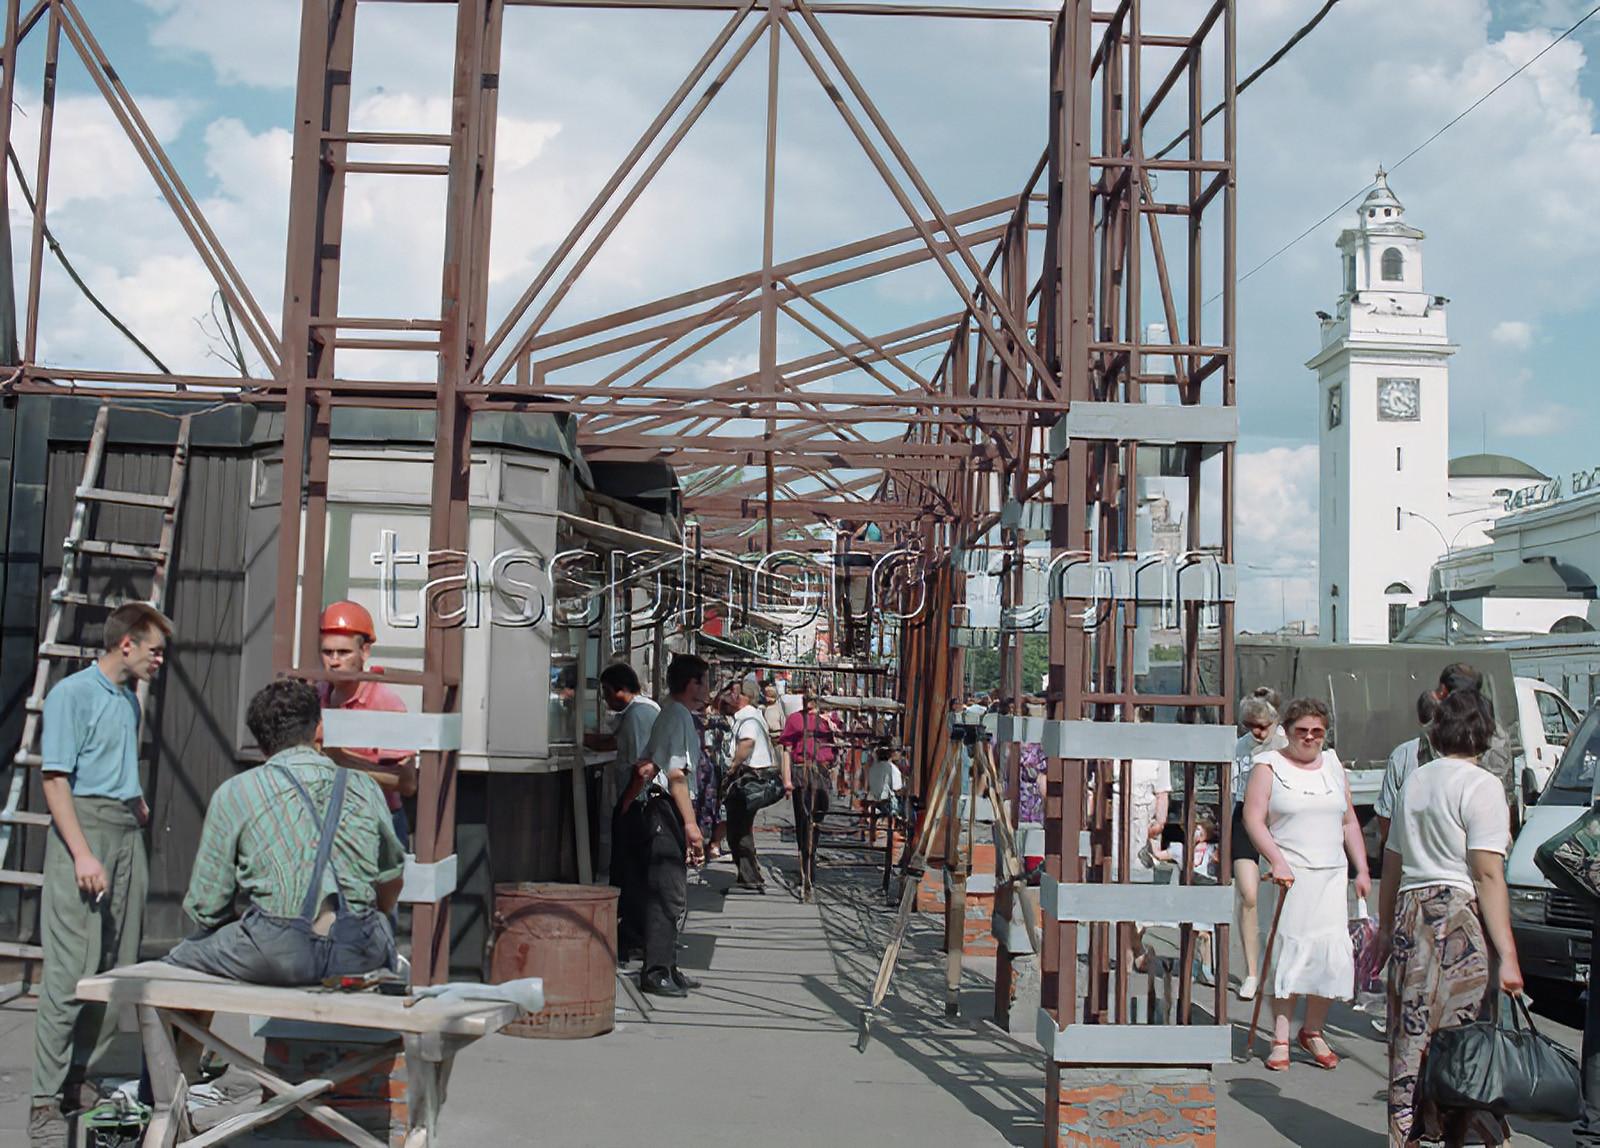 1997 г. Ремонтные работы на площади. Кавашкин Борис